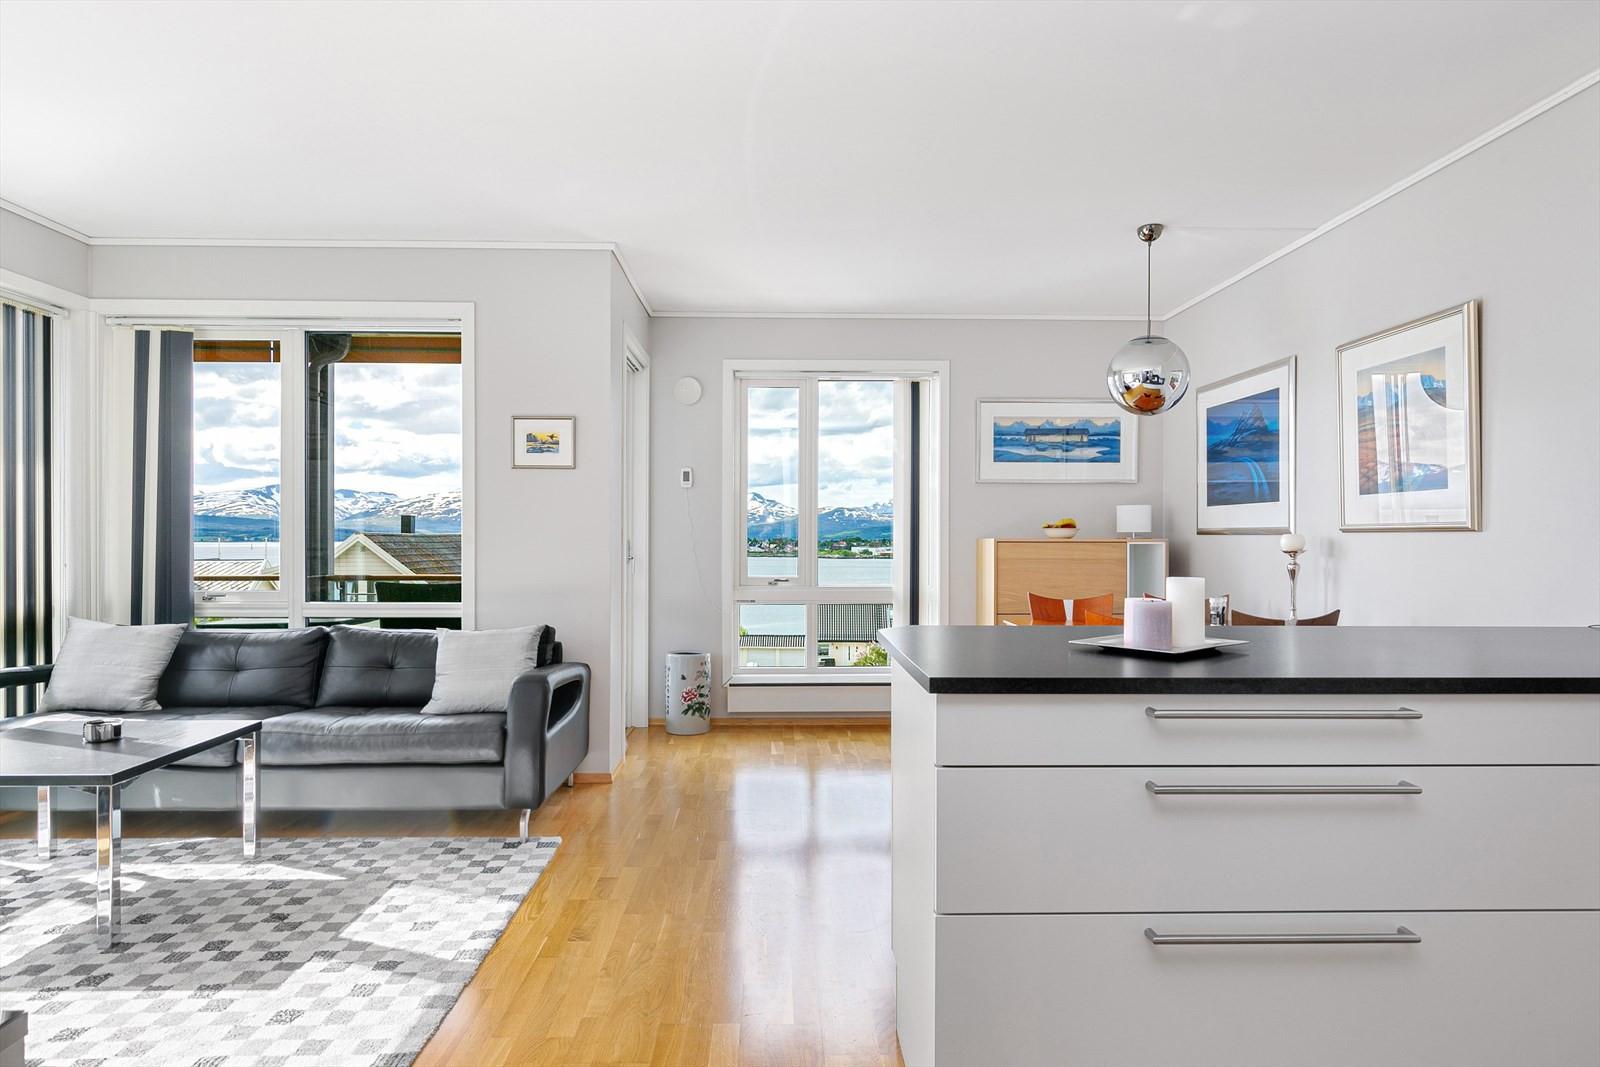 Løsningen gir et naturlig skille mellom stuen og kjøkkenet.